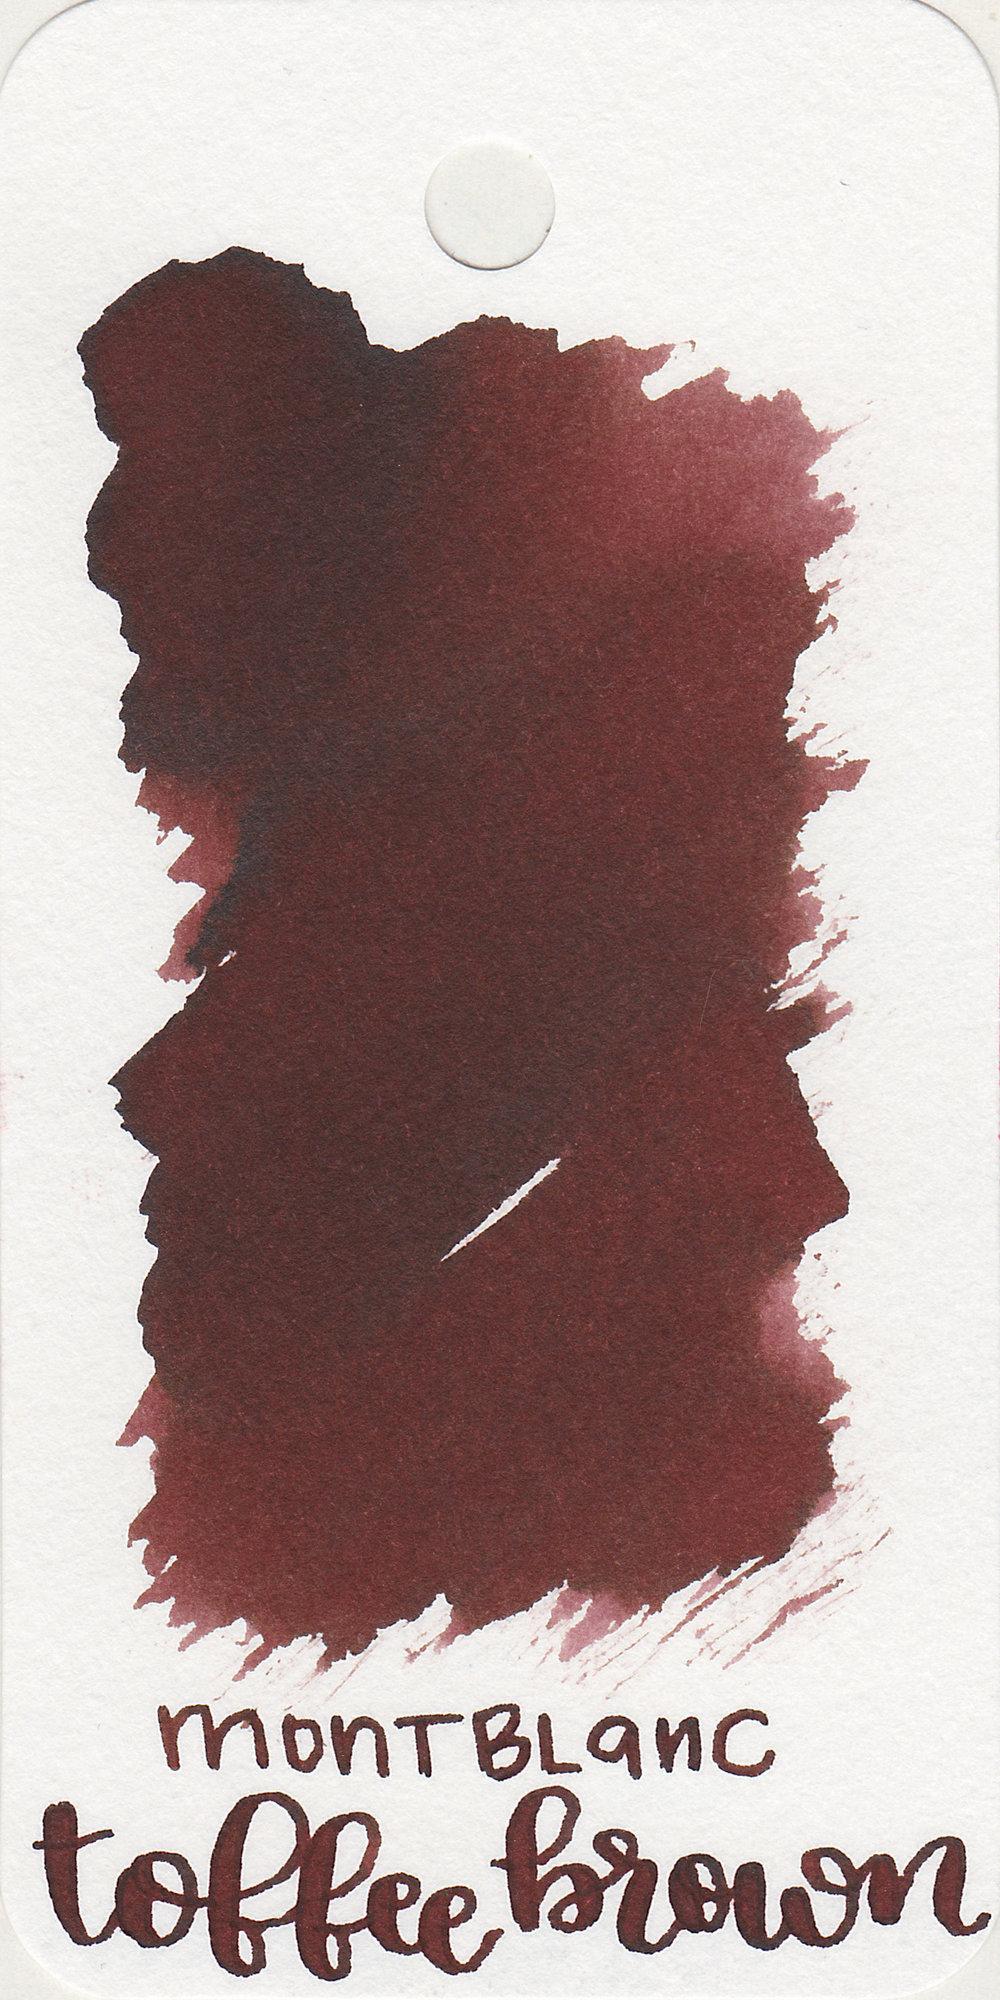 mb-toffee-brown-1.jpg